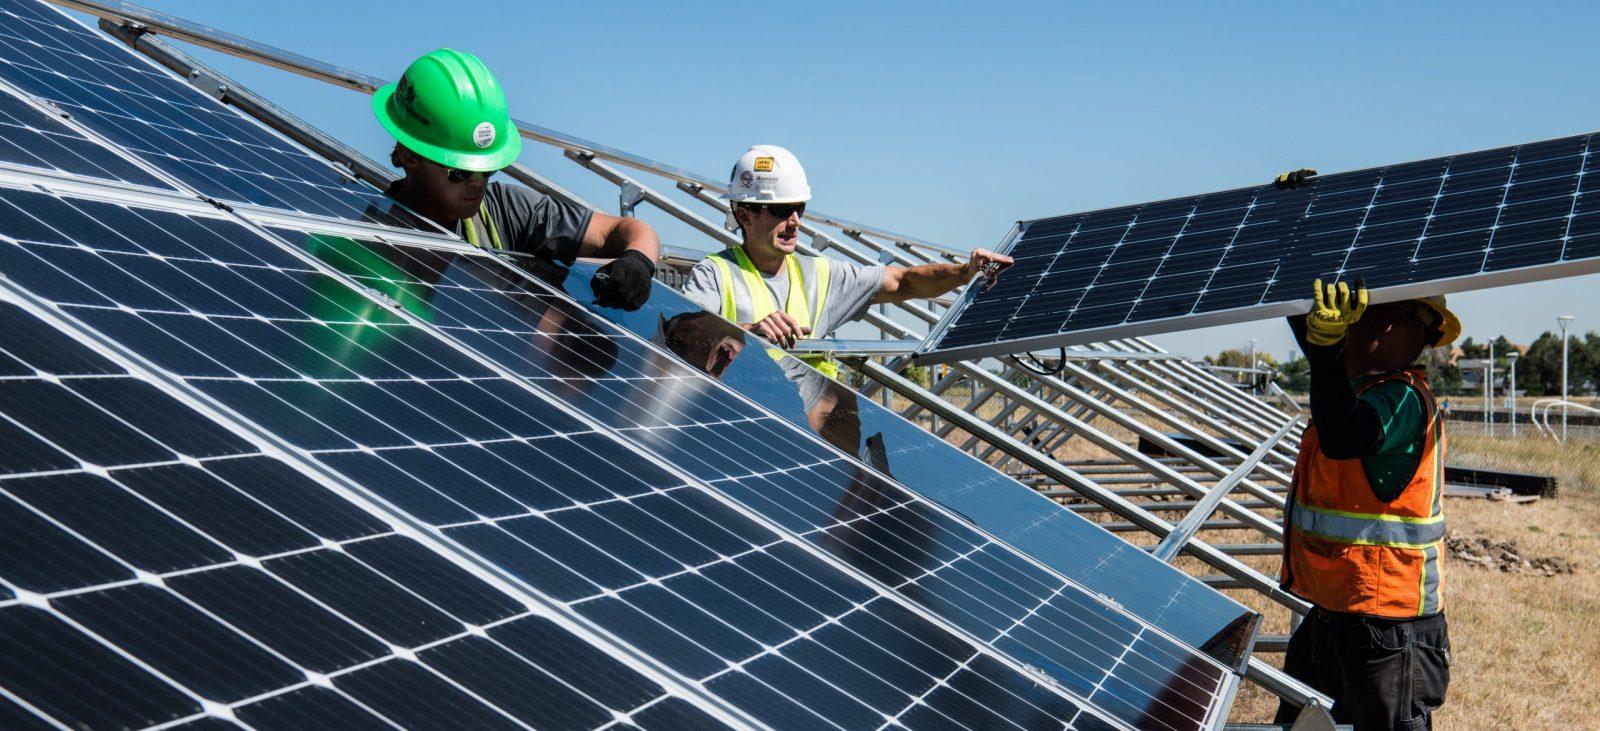 Malgré la crise actuelle, la capacité solaire américaine augmentera de 33 % en 2020